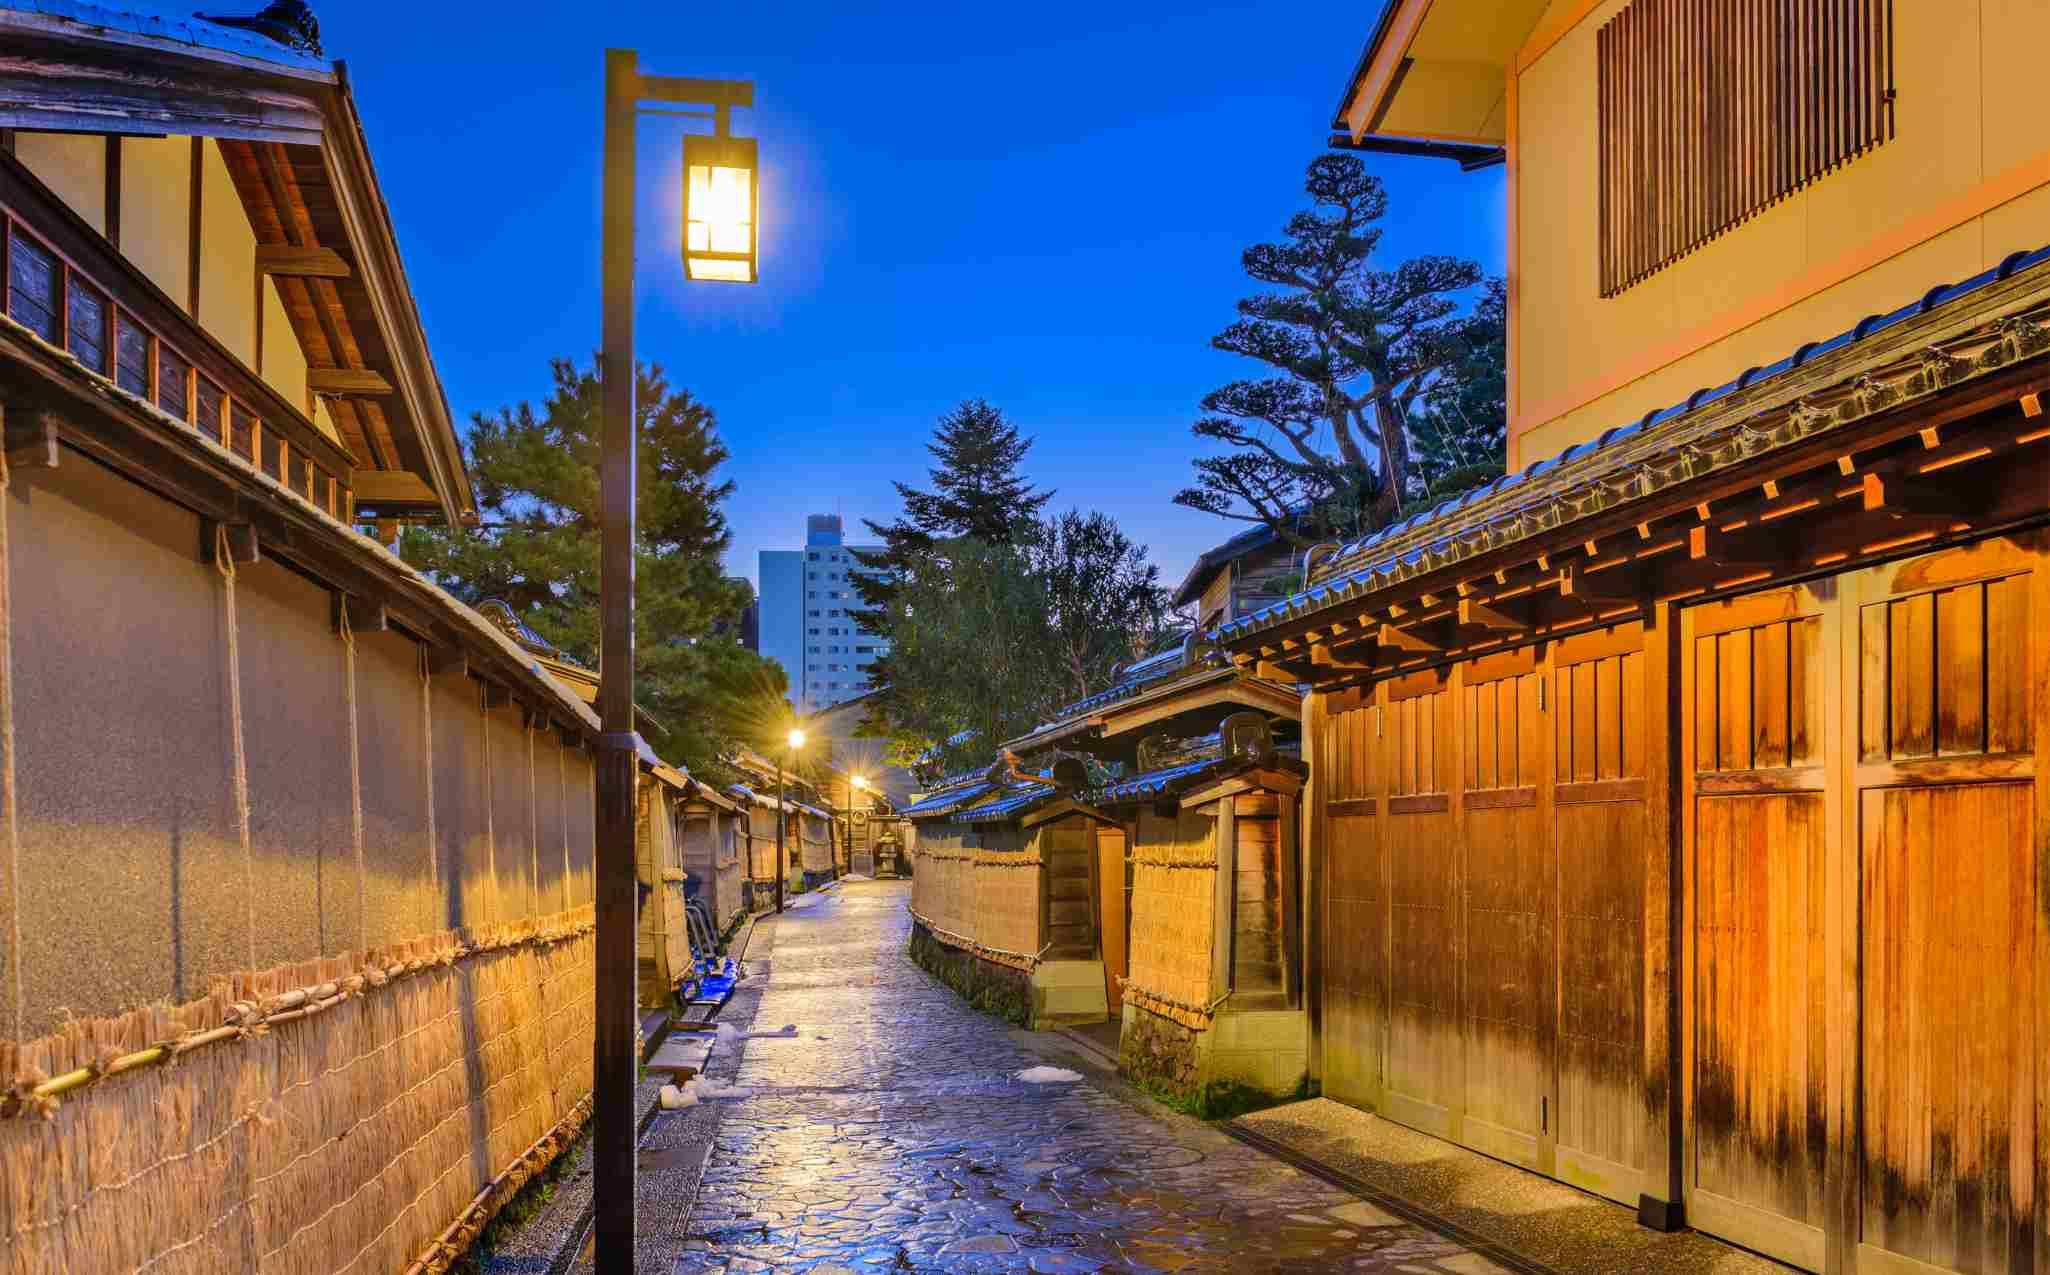 Kanazawa Street